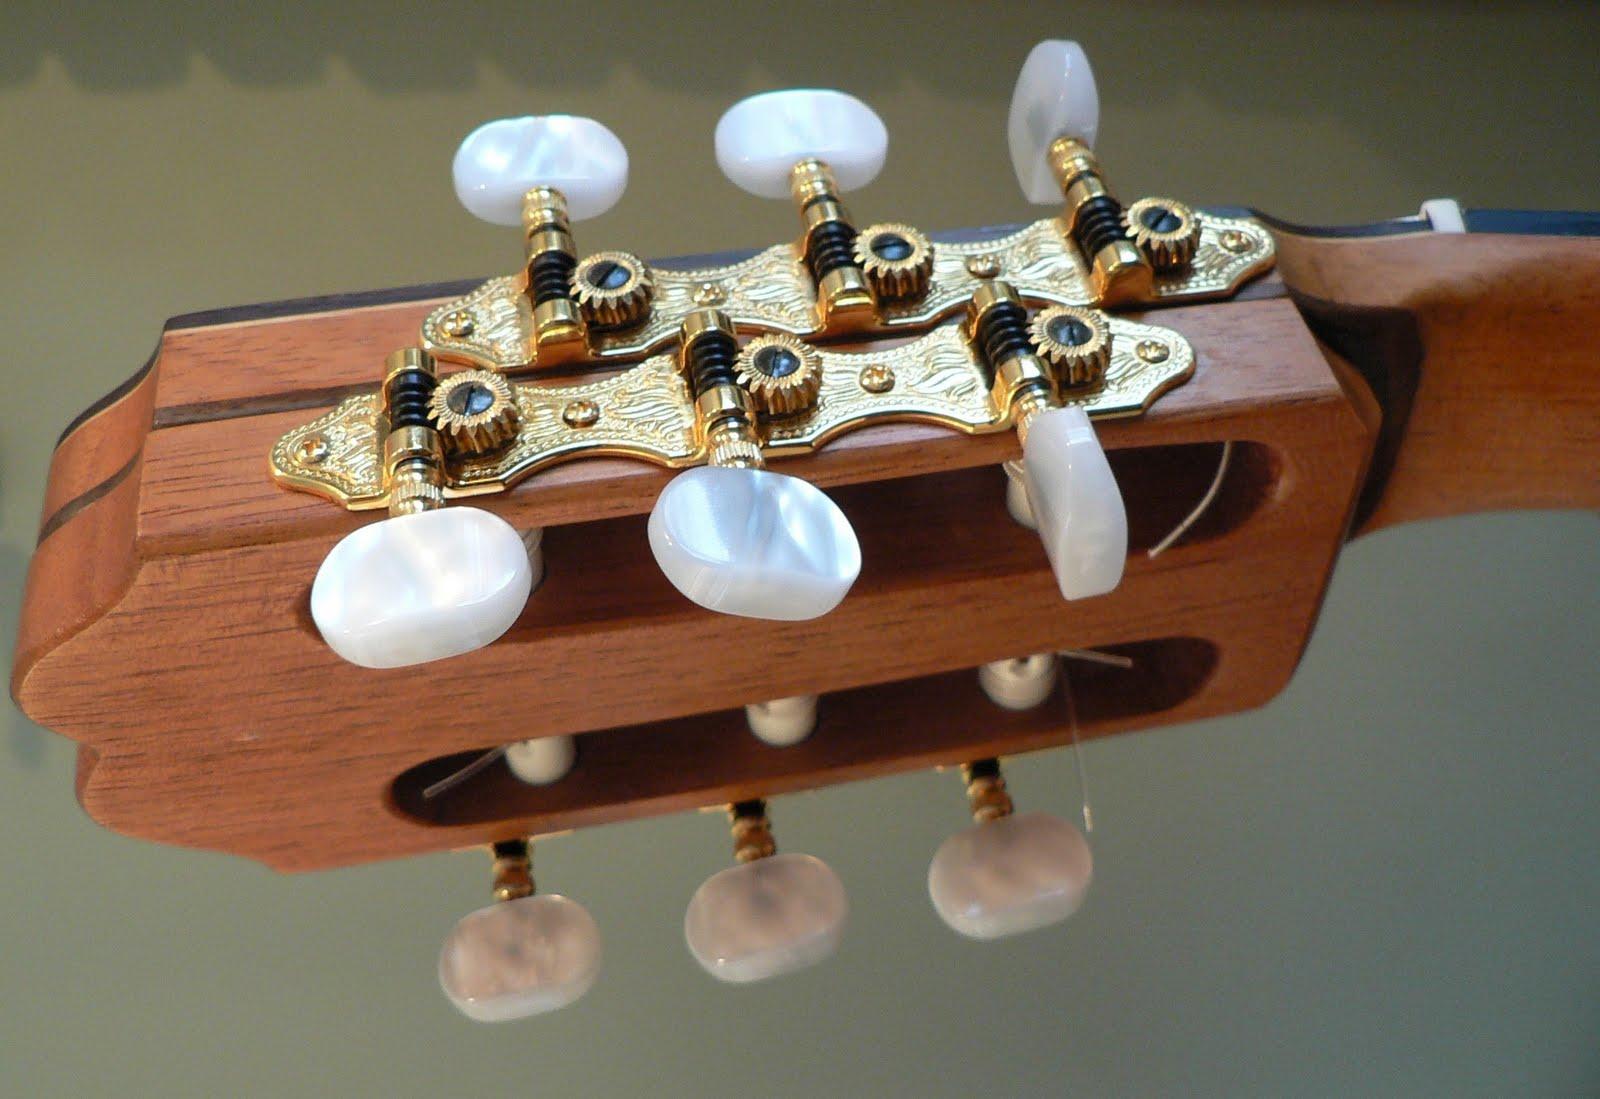 Bill Rayner Luthier